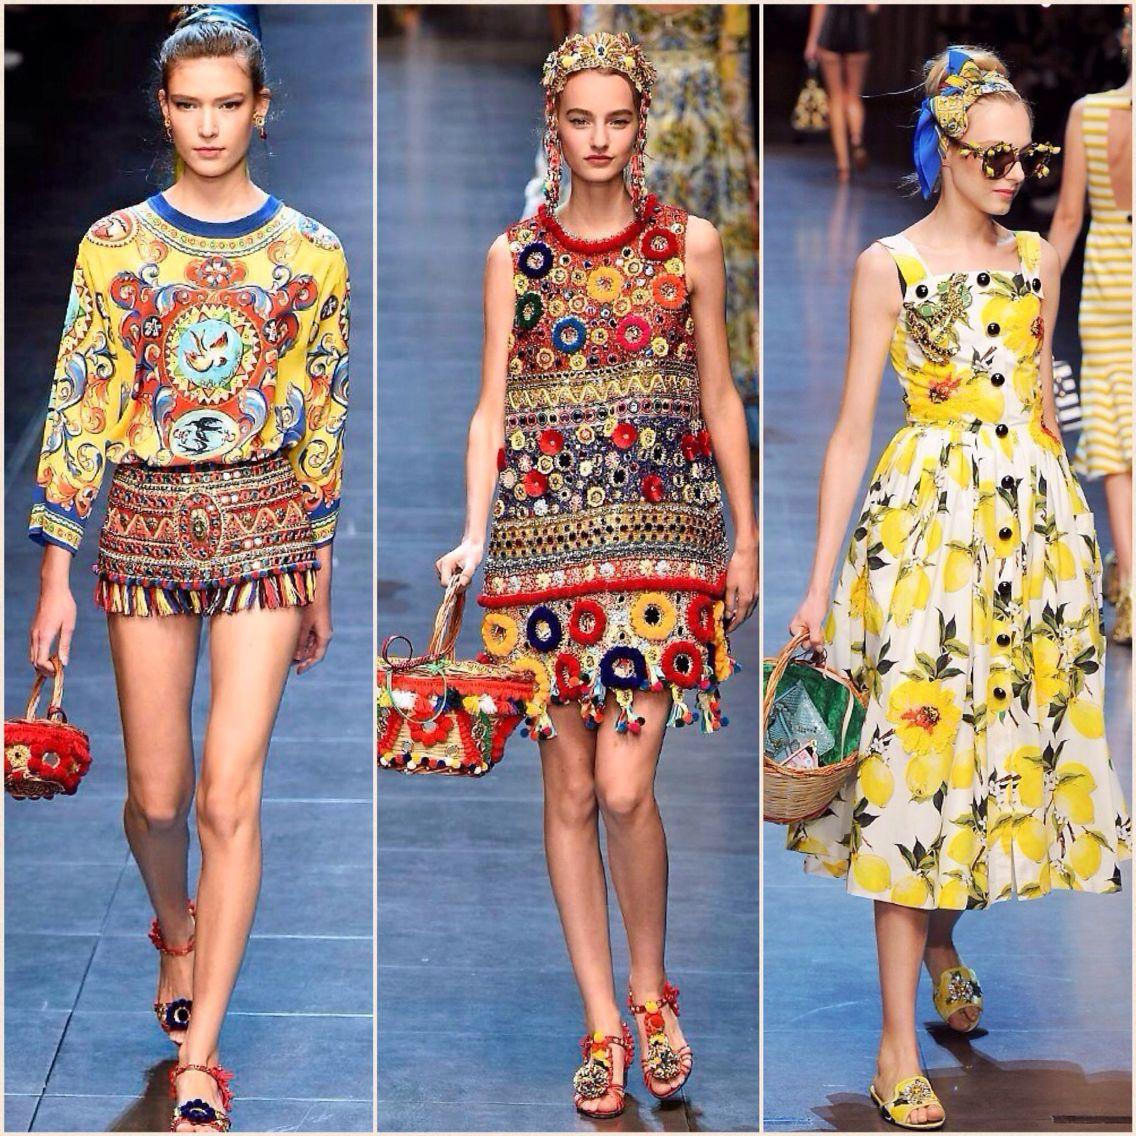 e54f592ae7c9 Pom Pom hand bag   dress by Dolce   Gabbana SS2016. Shop our Sicily Bags  and spread the Pom Pom love. sicilybag.com